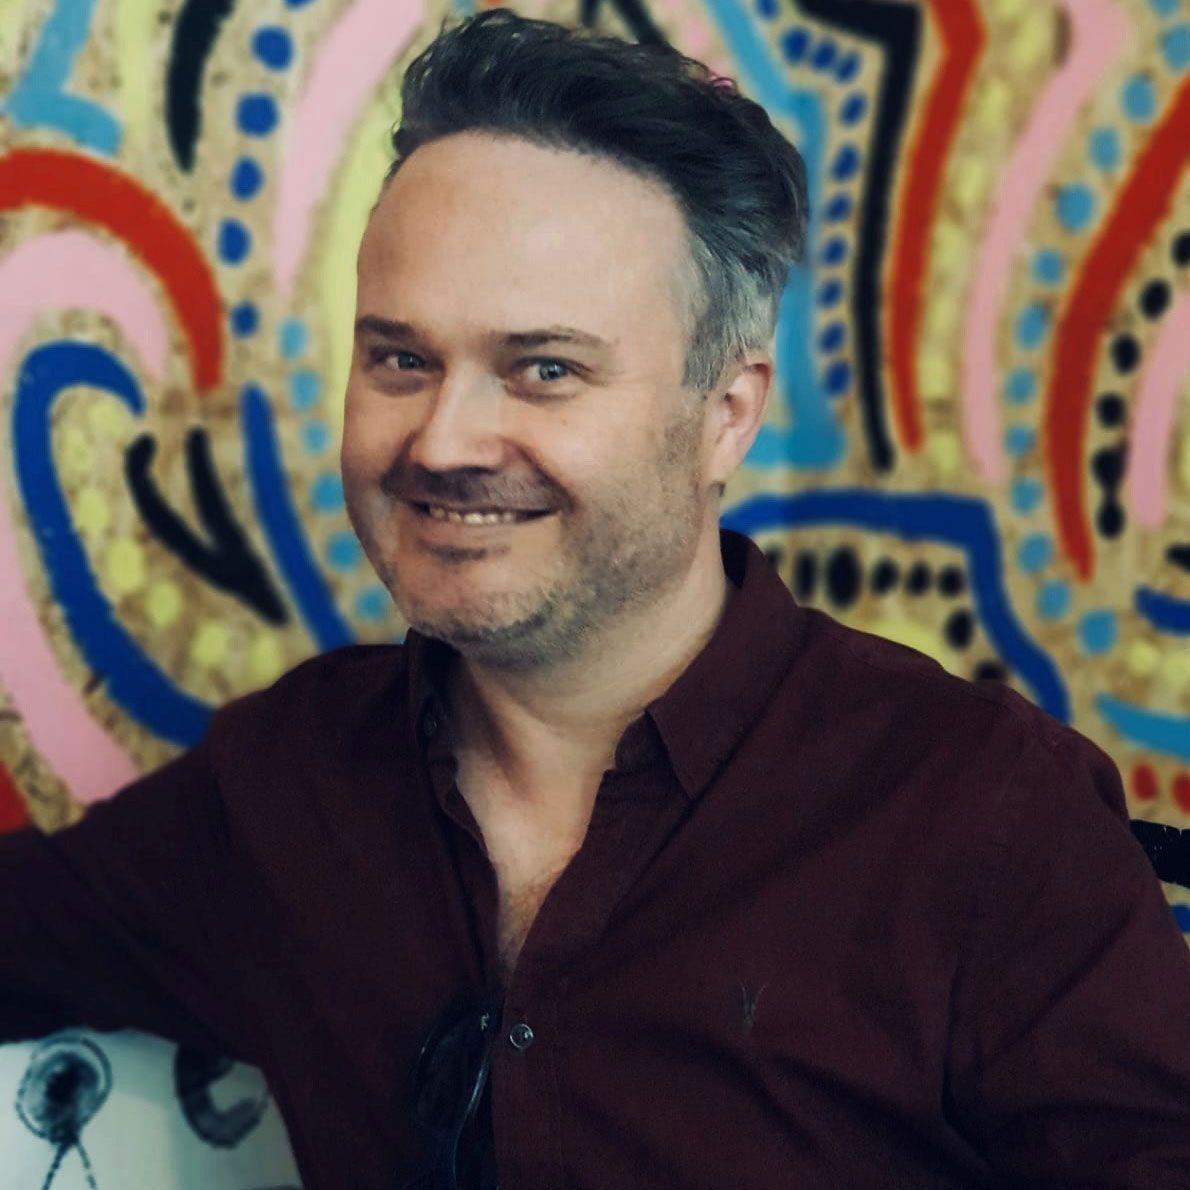 Jason Carvey